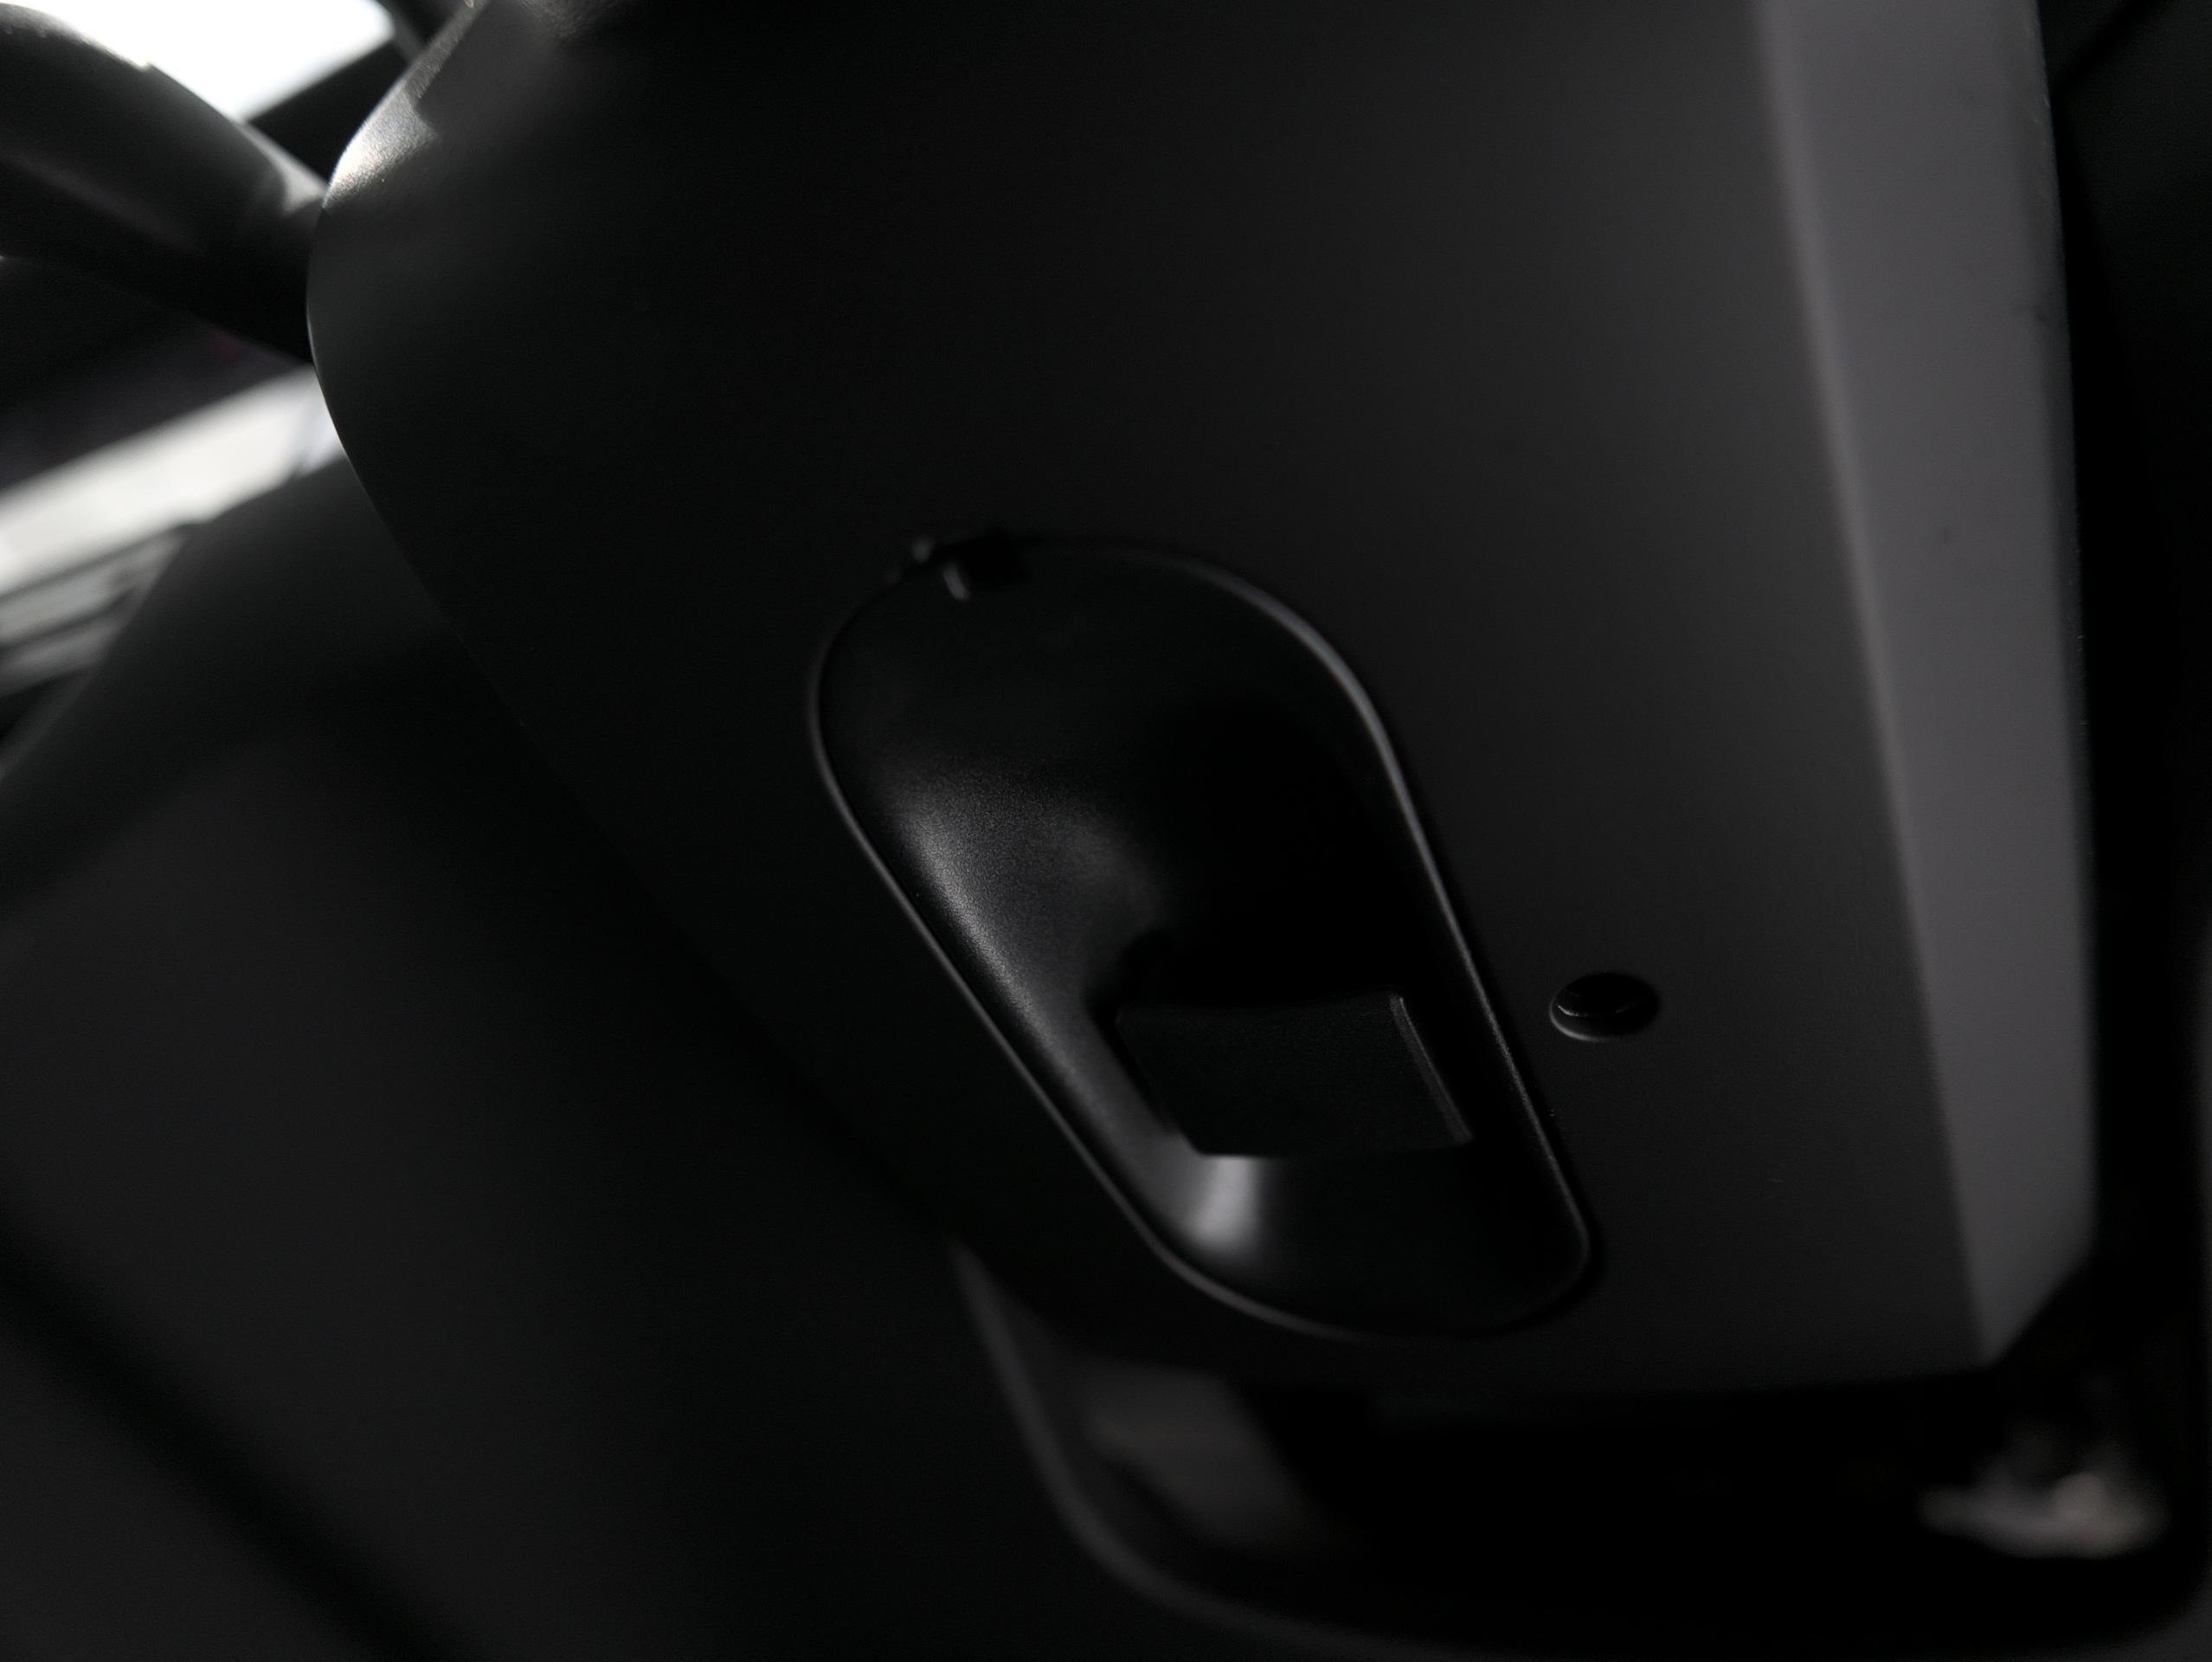 ポルシェ マカン GTS スポーツクロノ 電動調整ステアリング